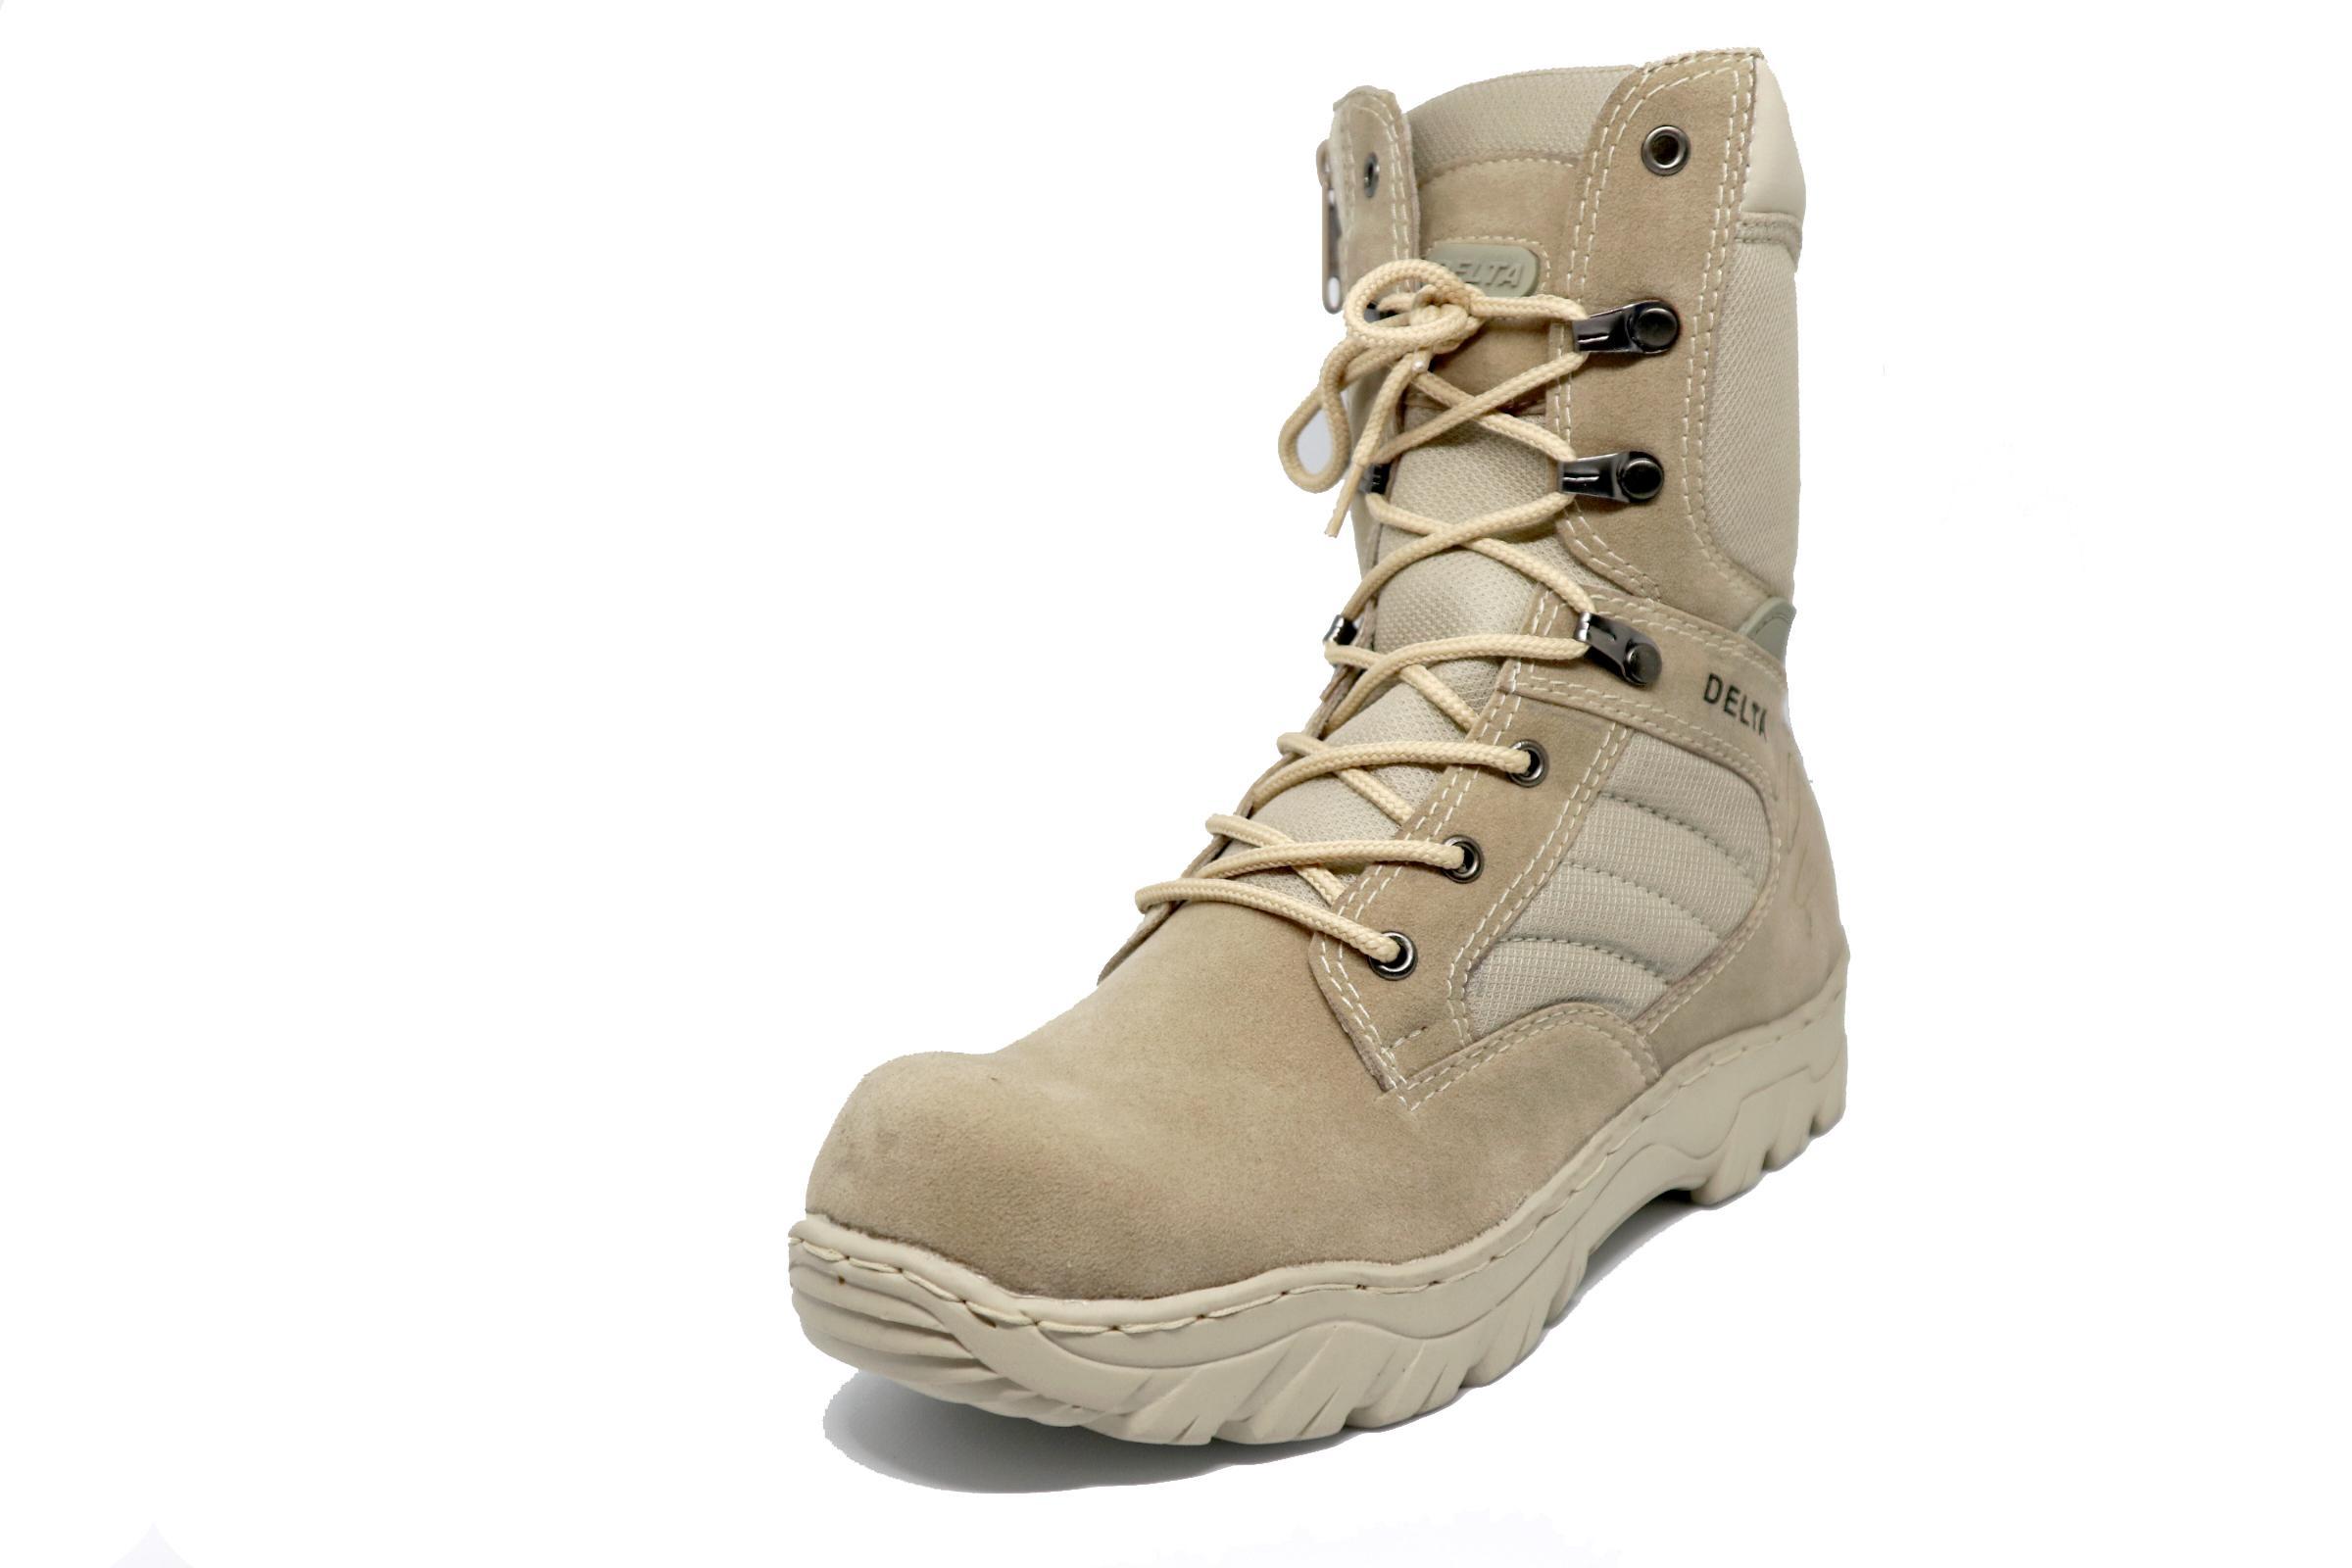 Sepatu Delta foce Army safety cream 8 inchi premium adventure 01b14e0ad2